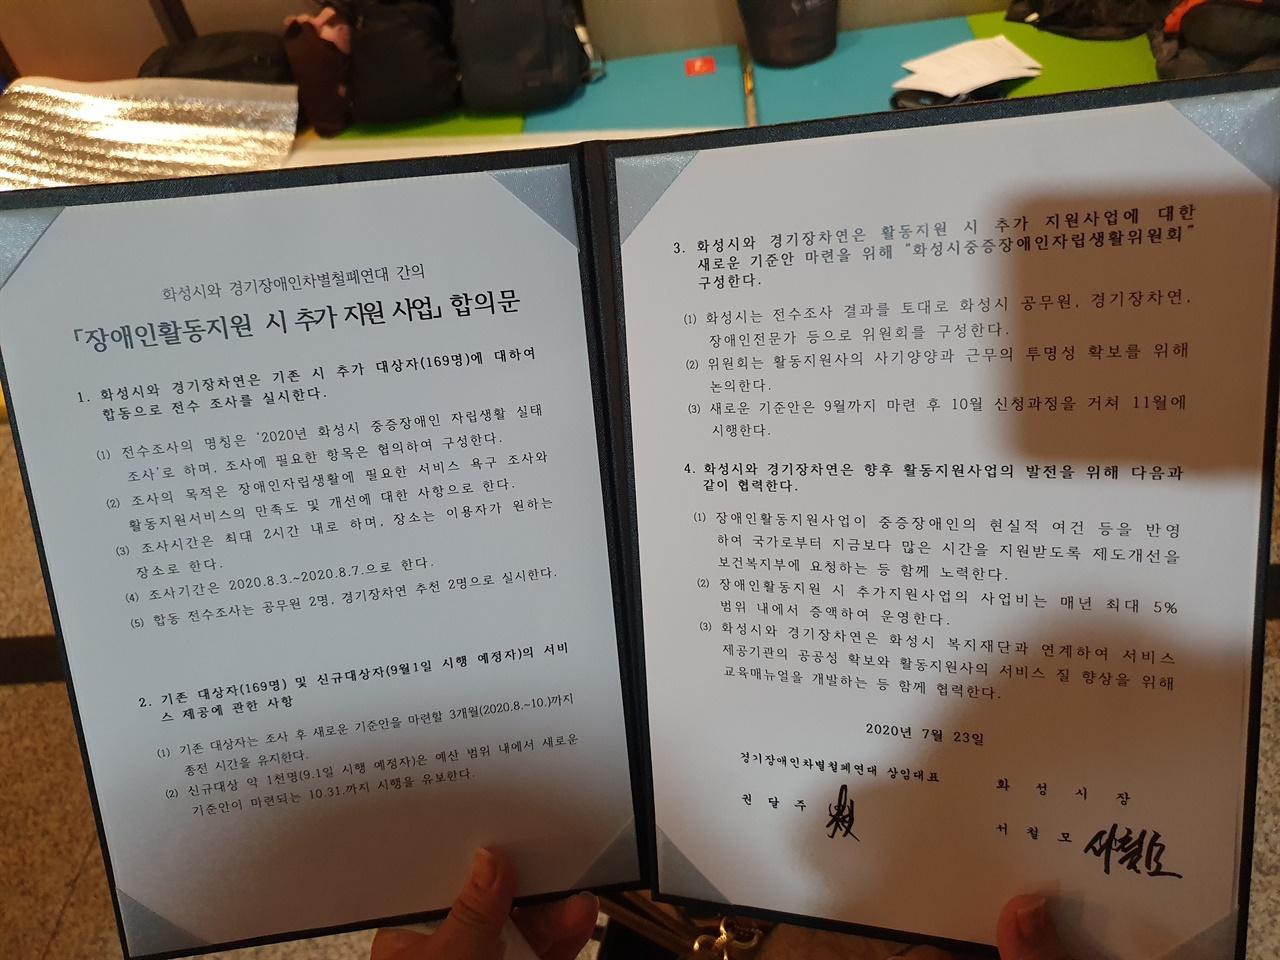 화성시와 경기장애인차별철폐연대는 23일 오후 합의문에 서명했다. 화성시장실 앞 점거농성 7일 만이다.